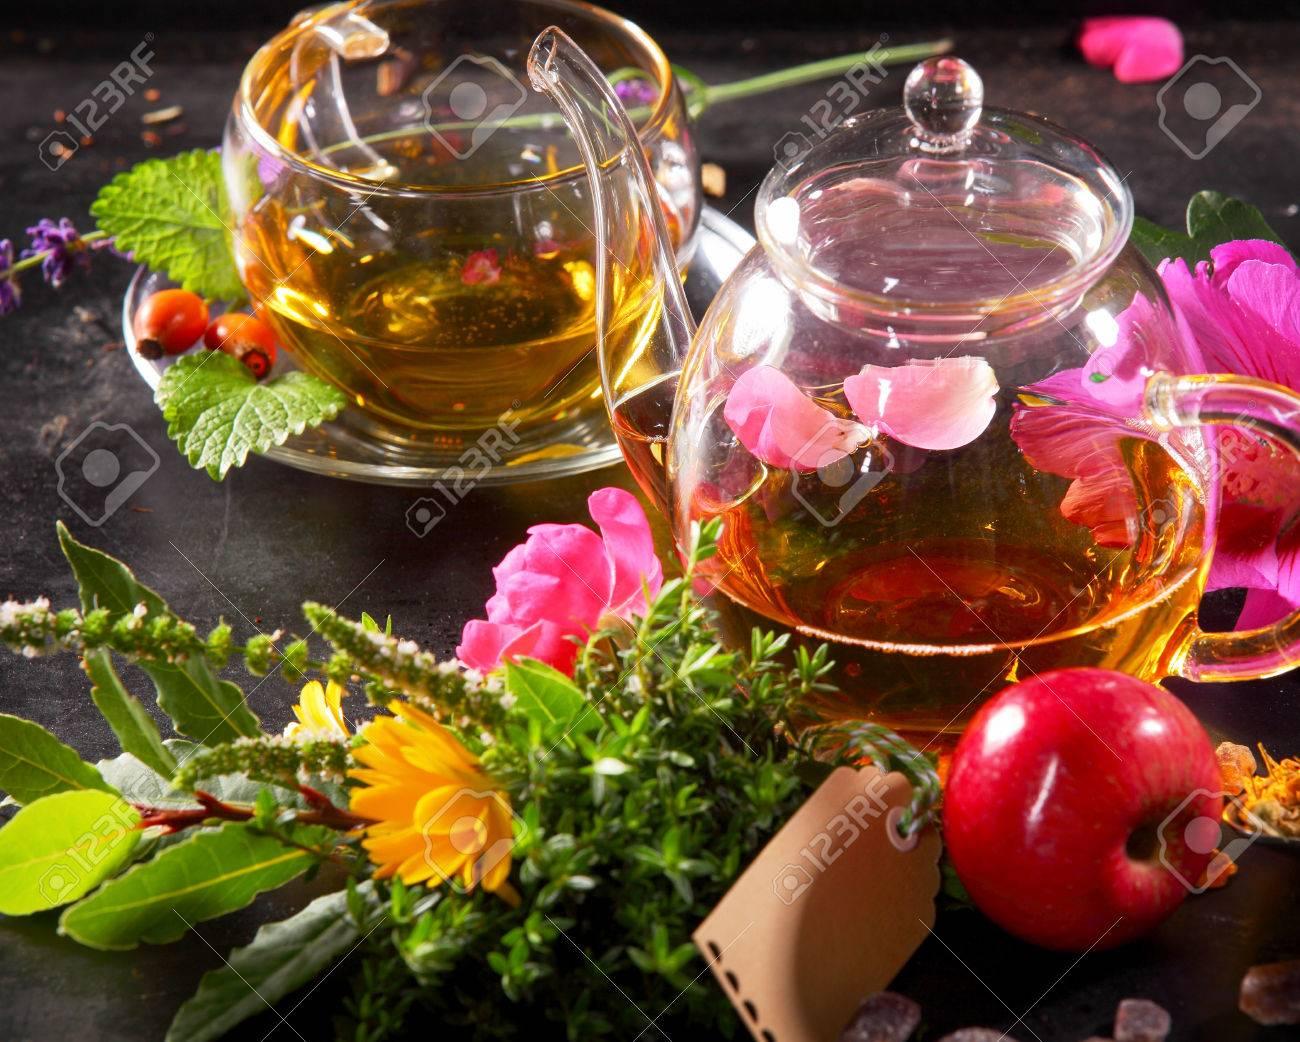 Geliebte Teekanne Und Tasse Tee Auf Schwarzem Hintergrund Mit Fruchtigen &OC_54